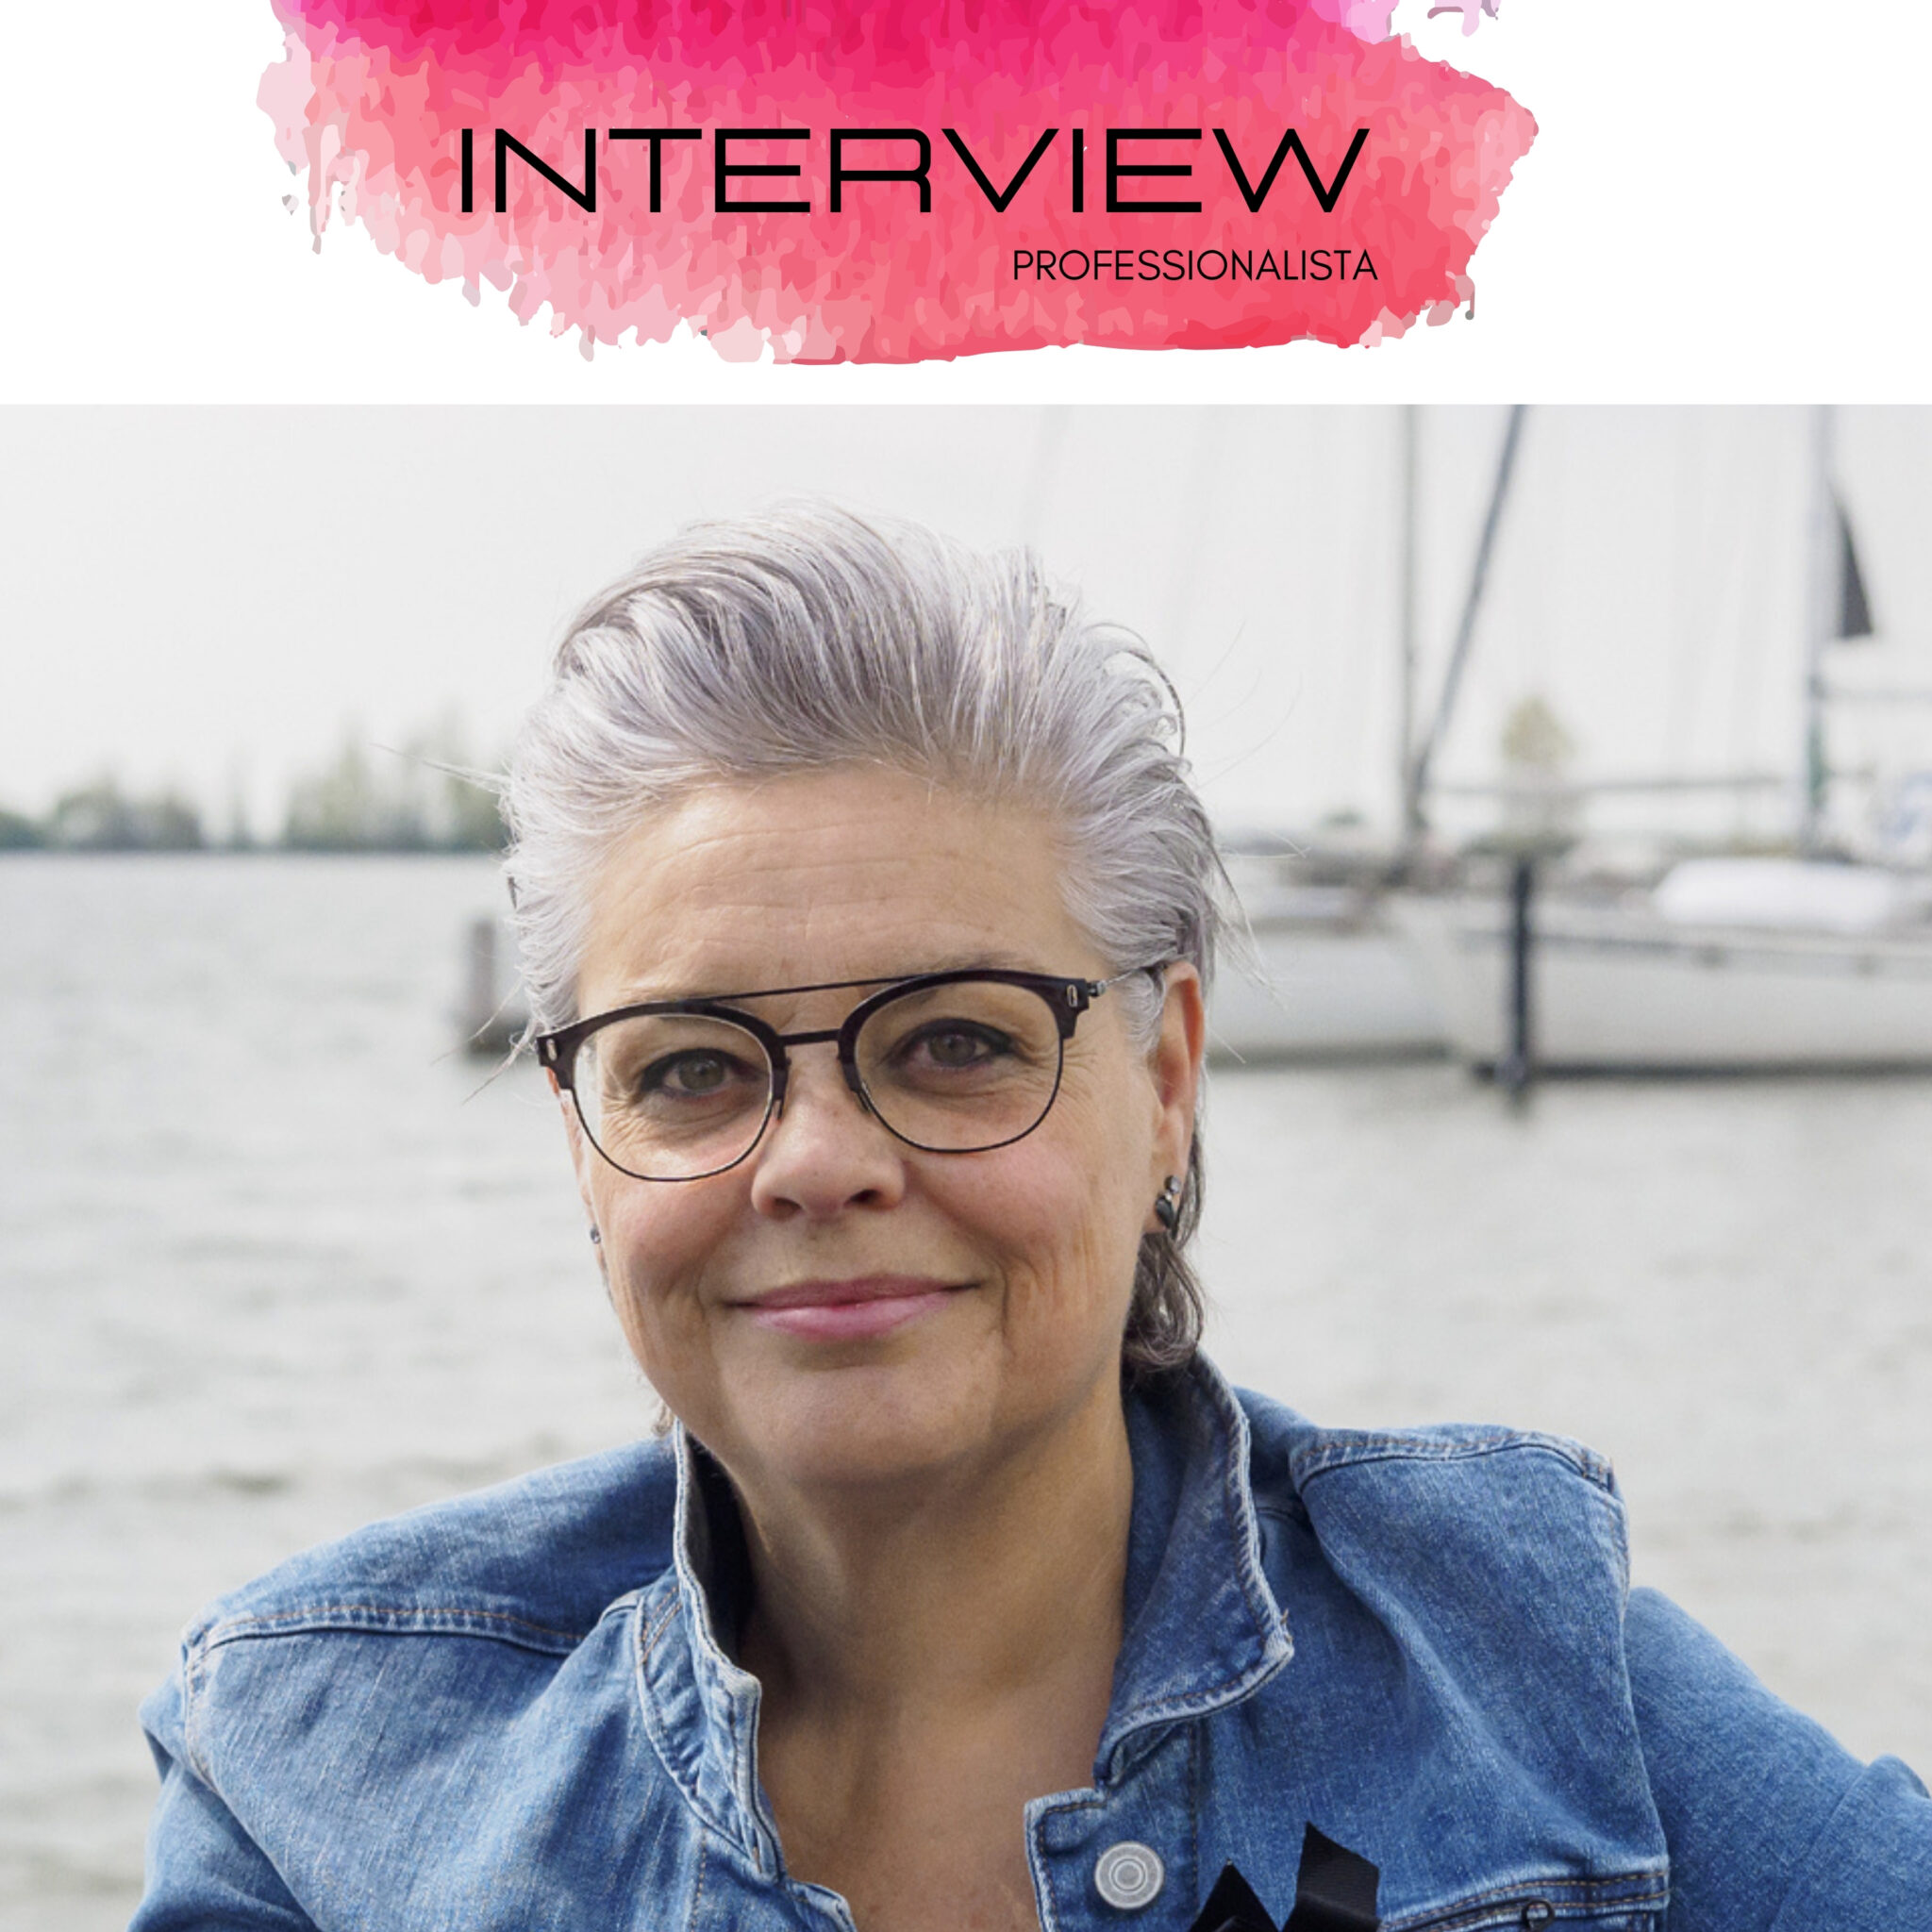 Interview Professionalista Karen van Deuren